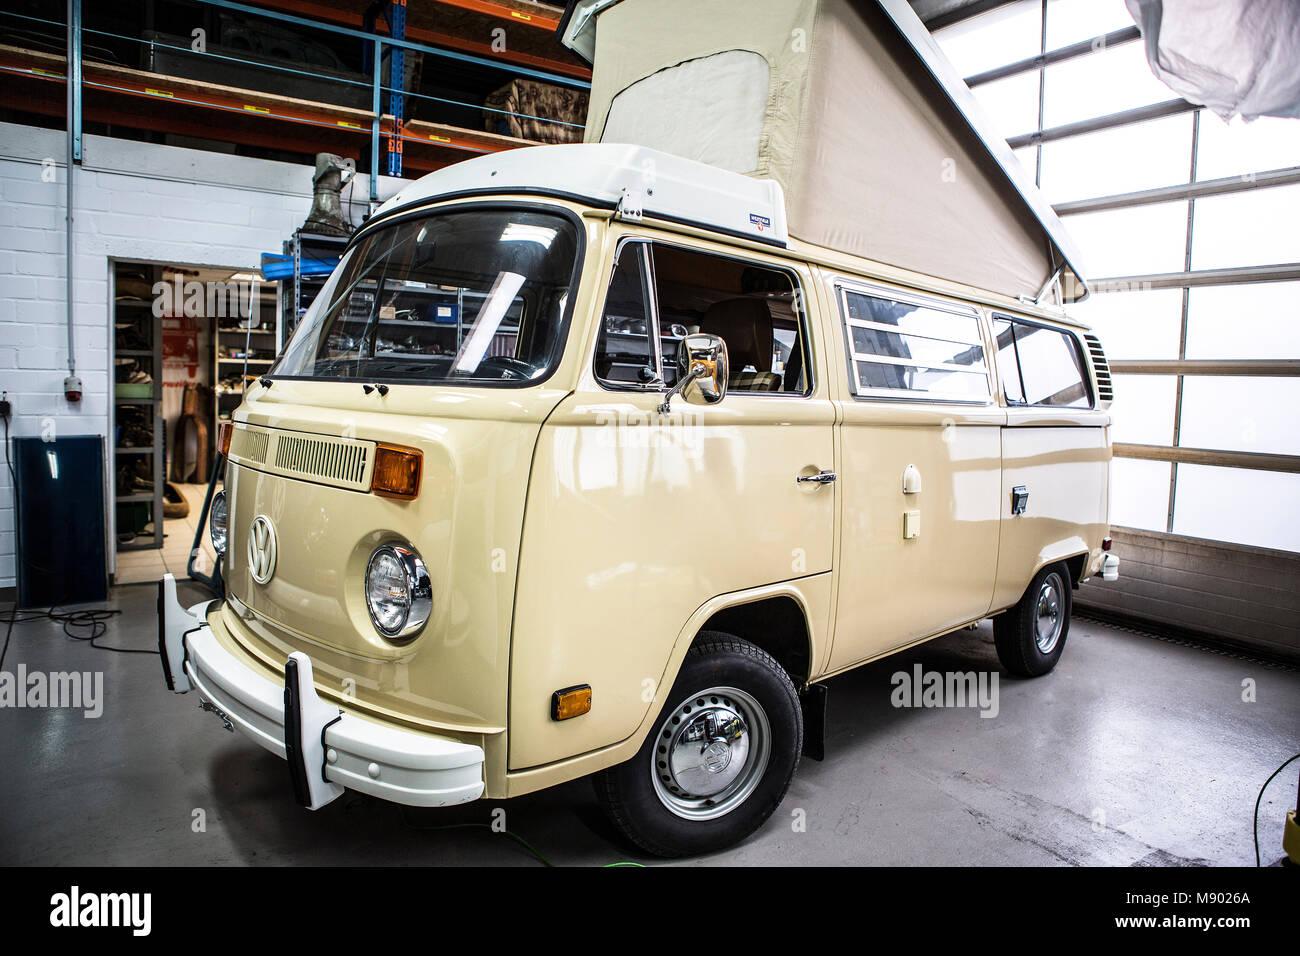 VW Ônibus T2 Westfalia Berlim Bulli Mit Originalen 993 Meilen Auf Dem  Tacho. Bulli Stand 37 Jahre In Der Garagem.